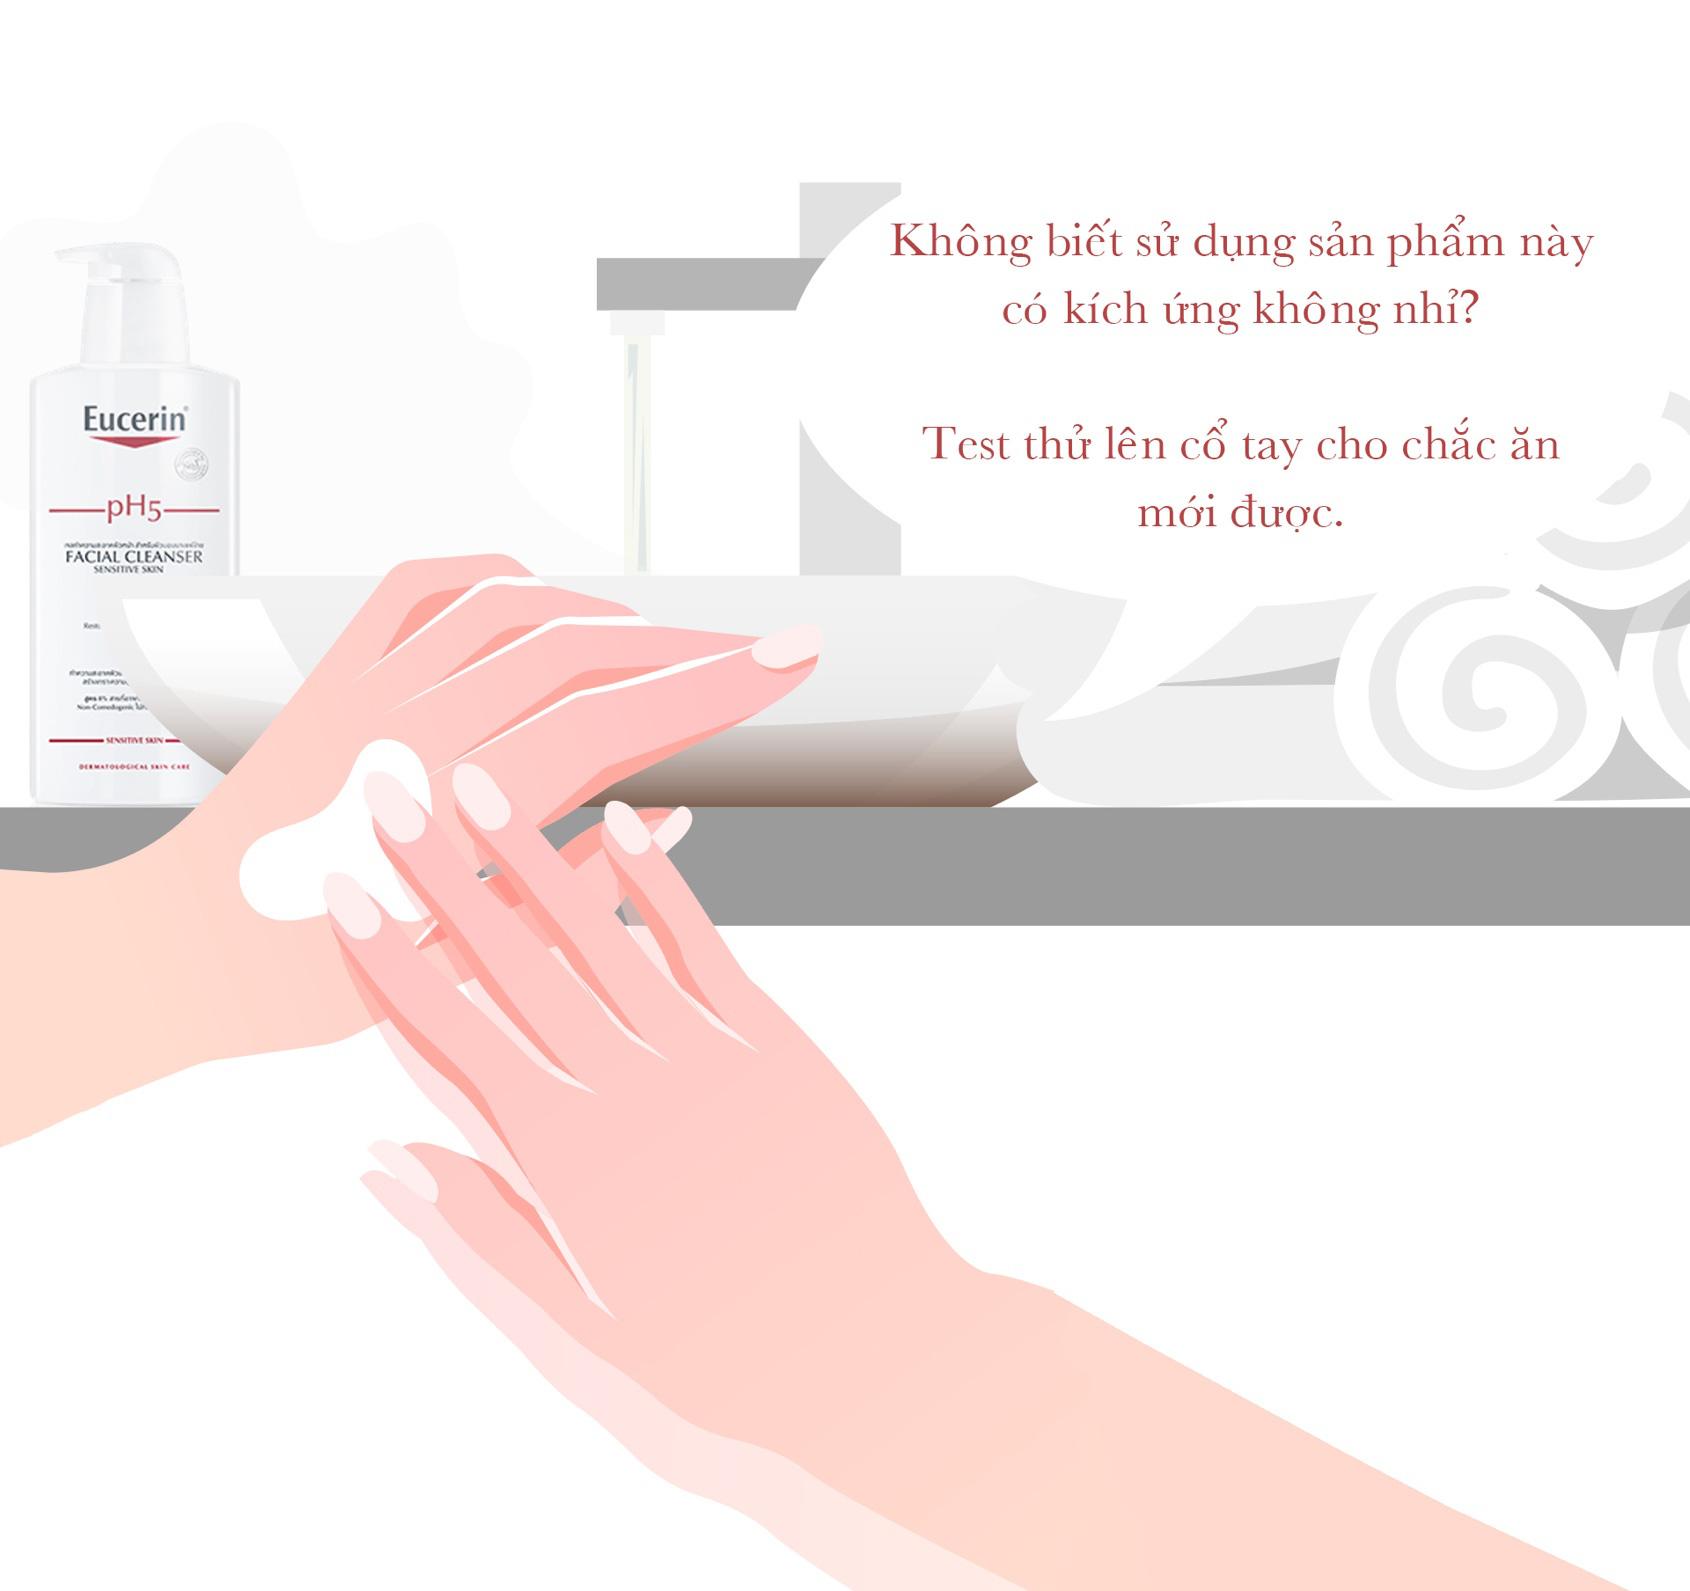 Giữa hàng nghìn thương hiệu, bạn có tự tin sản phẩm mình lựa chọn là phù hợp và không gây kích ứng cho da? - Ảnh 4.